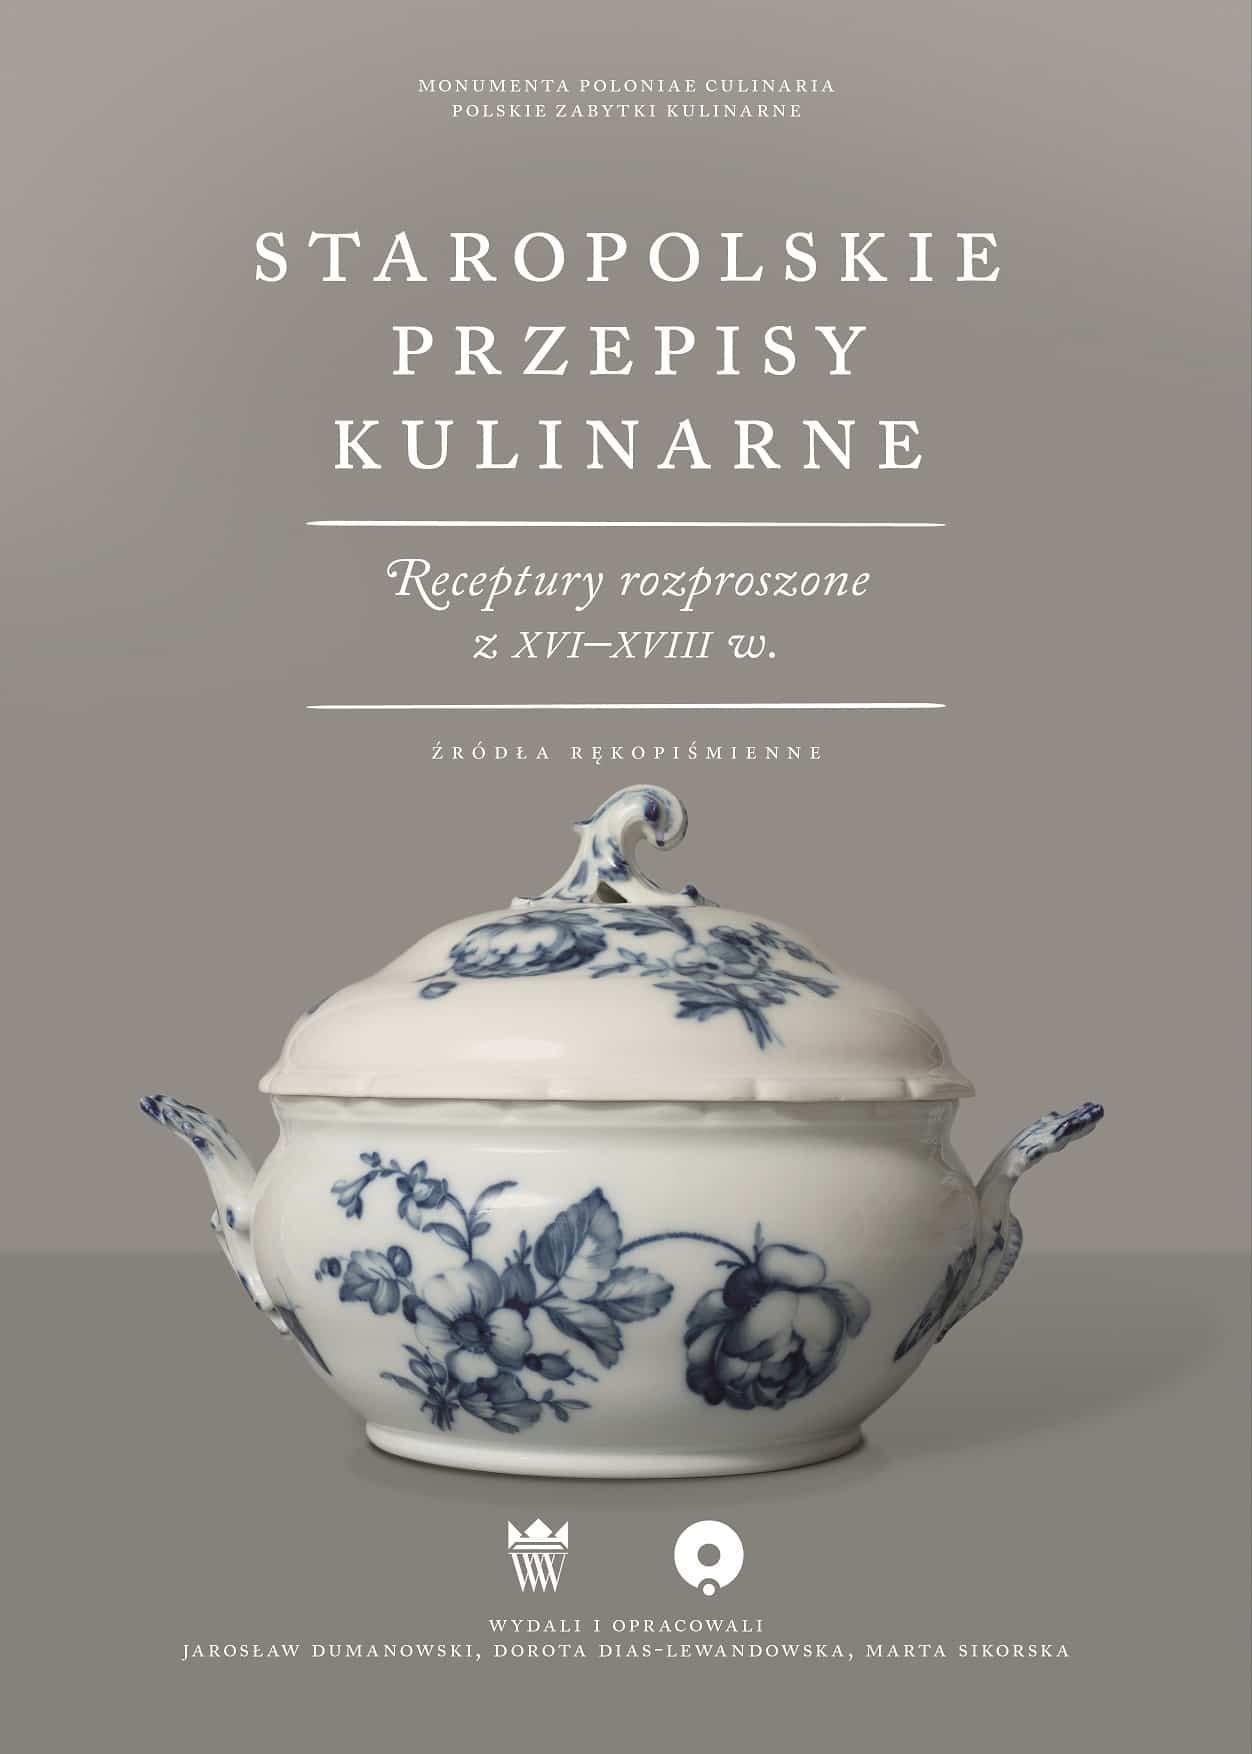 Staropolskie przepisy kulinarne – spotkanie autorskie i pokaz kulinarny w Wilanowie